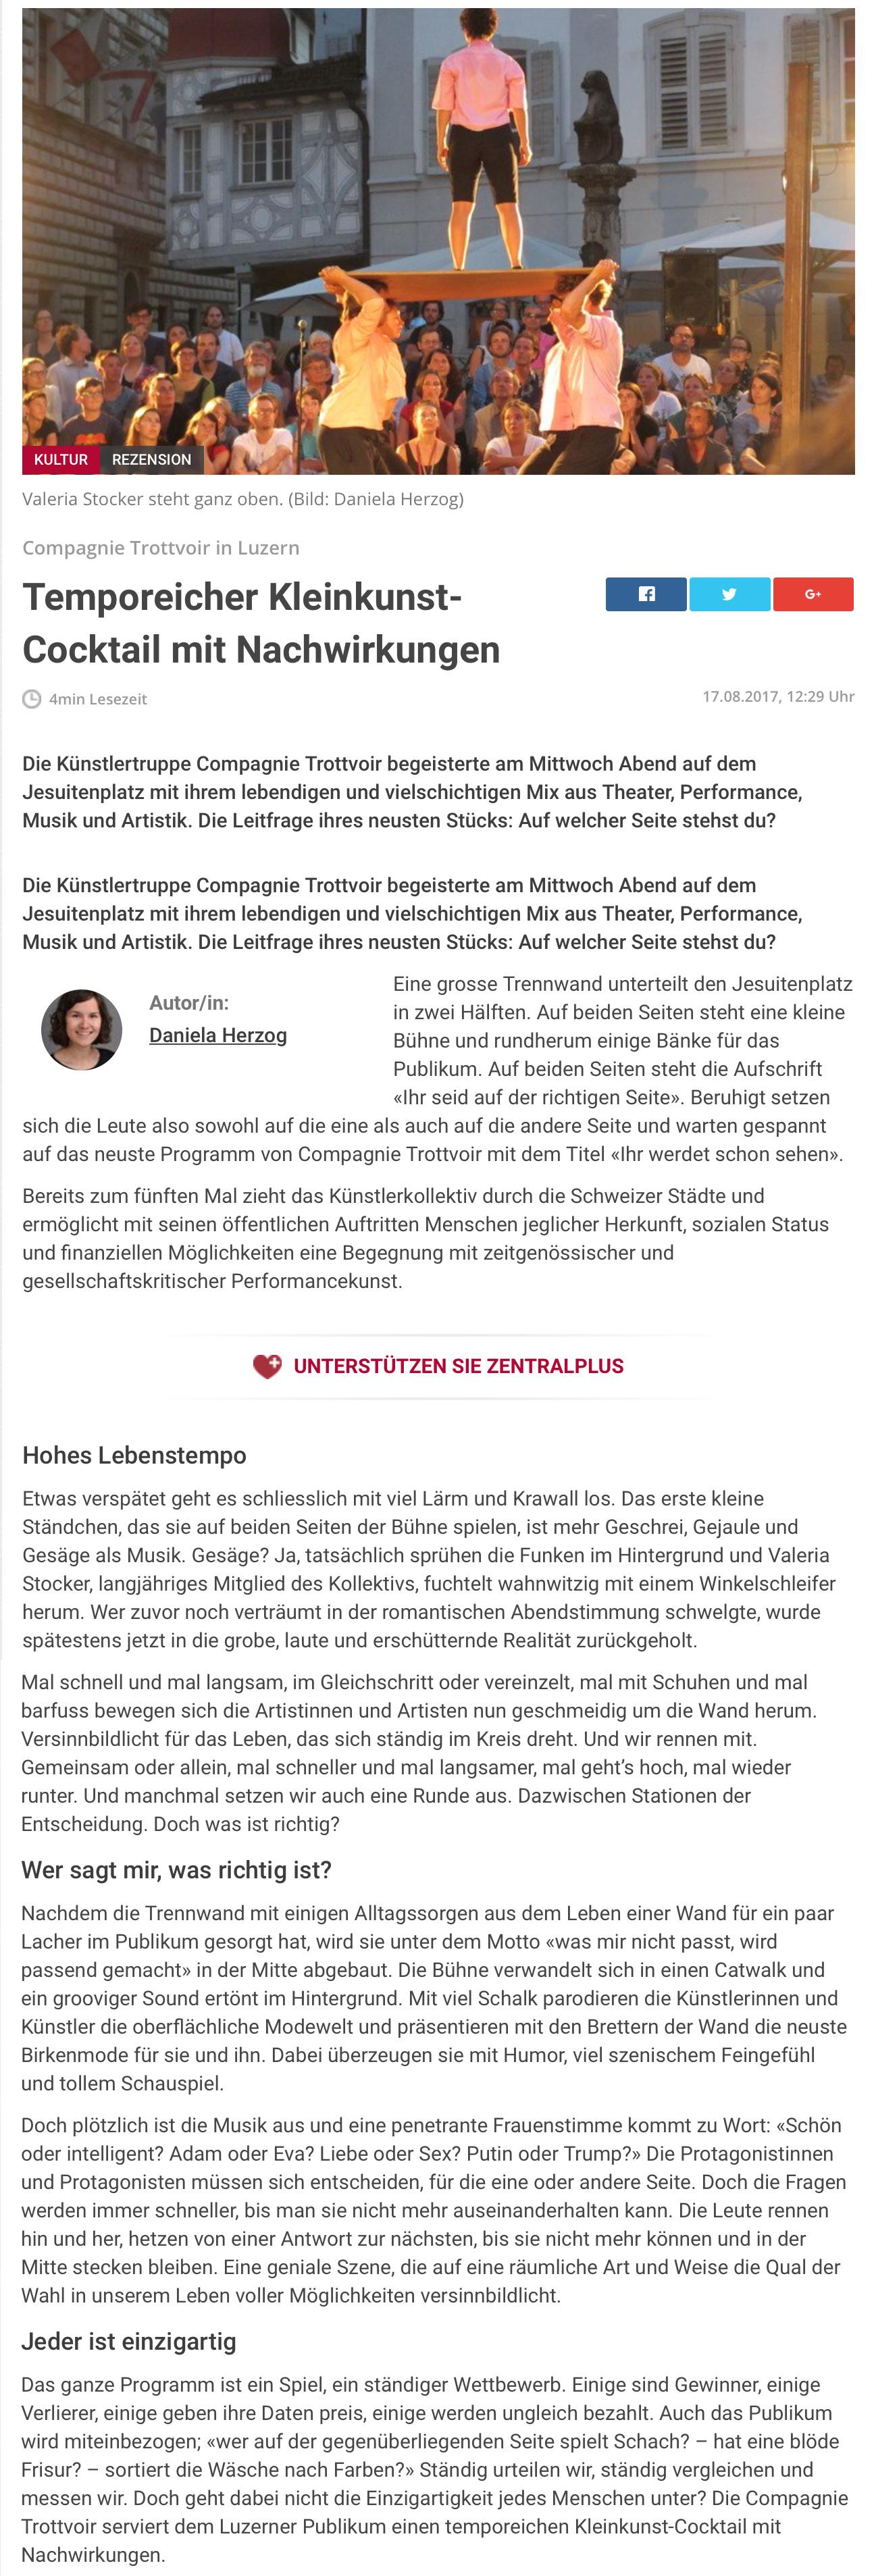 https://www.zentralplus.ch/de/news/kultur/5544146/Temporeicher-Kleinkunst-Cocktail-mit-Nachwirkungen.htm